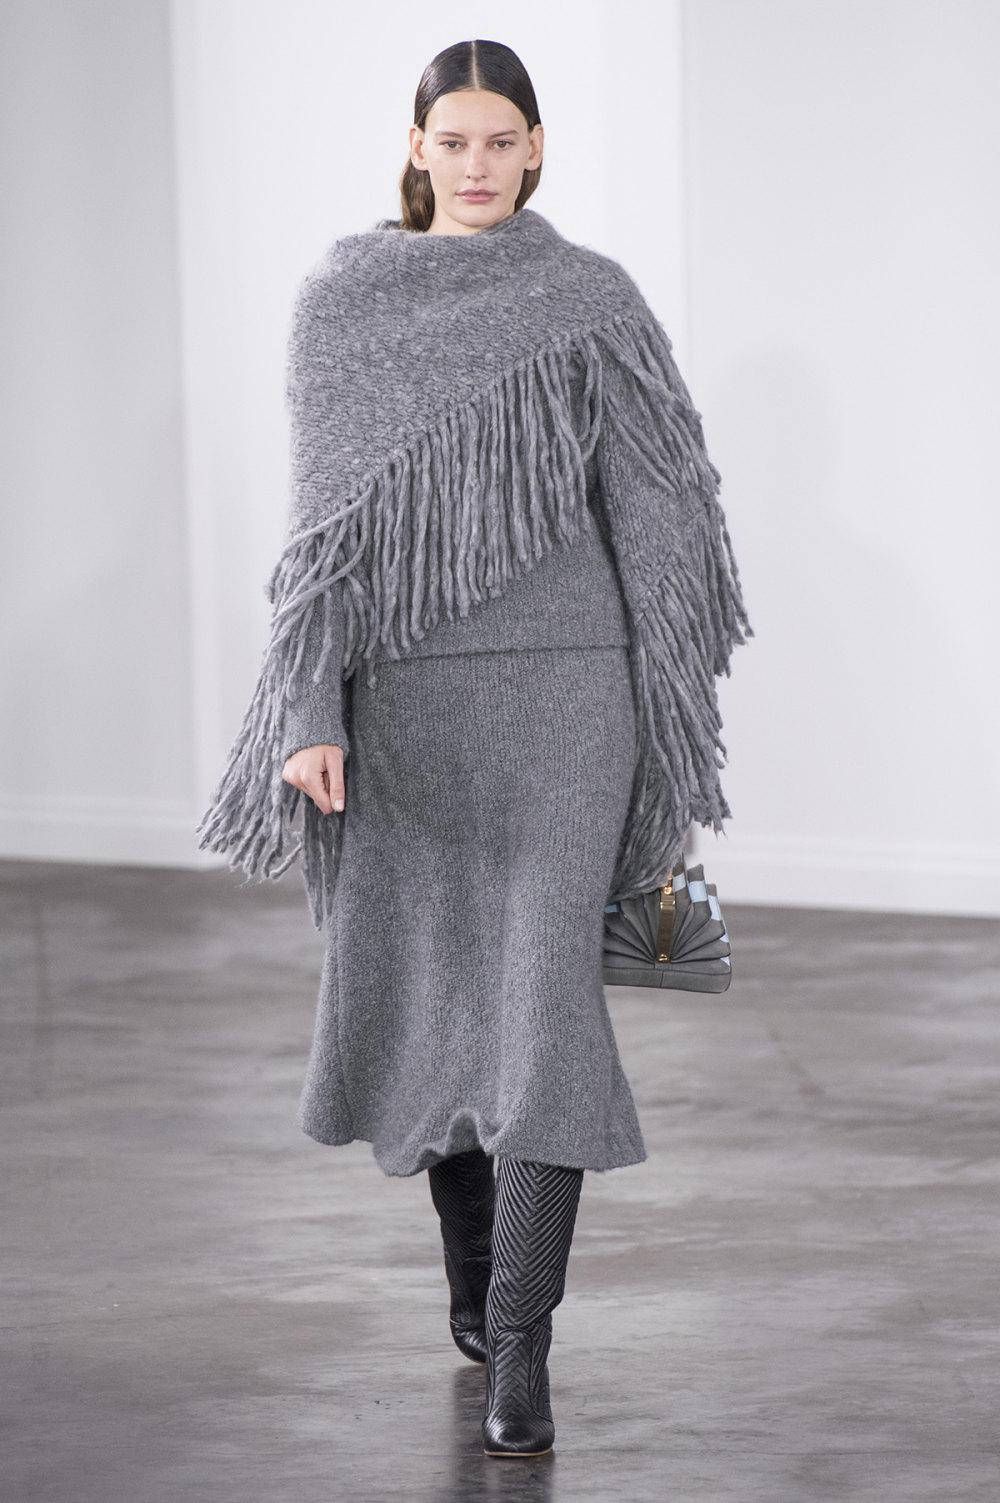 Gabriela Hearst时装系列细条纹西装和宽大毛衣之间形成鲜明对比-12.jpg